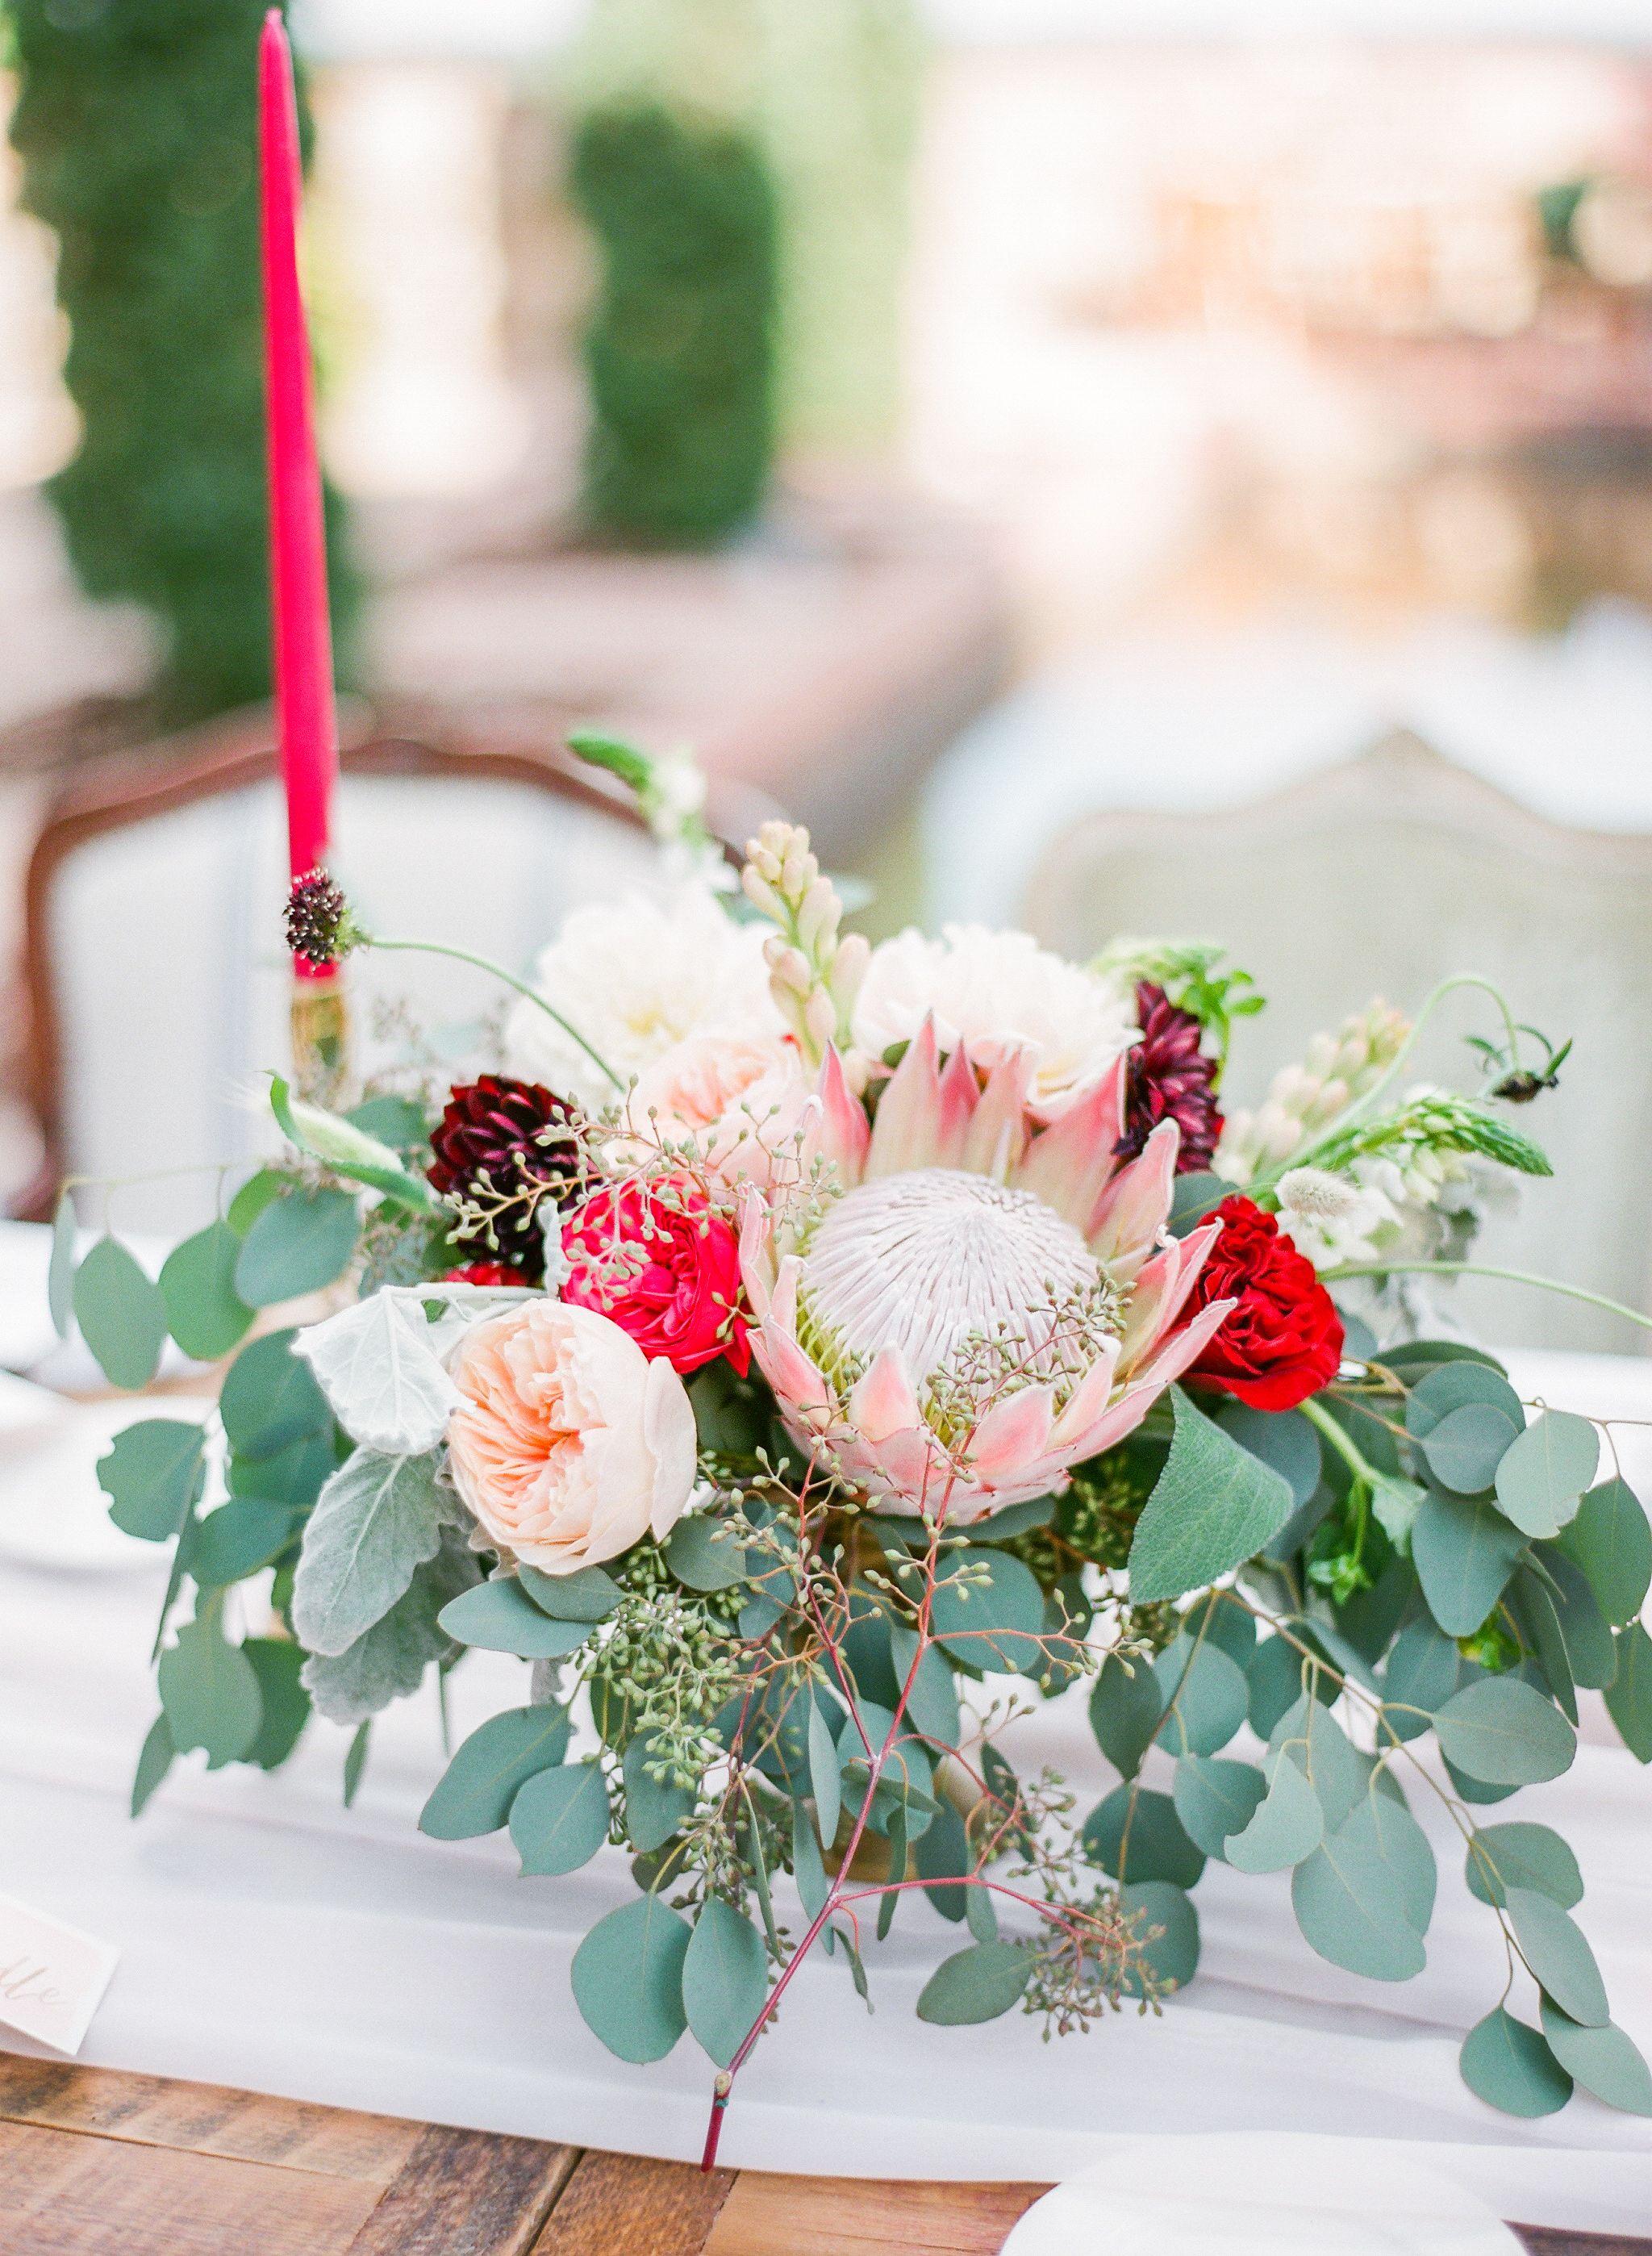 King Protea Garden Rose And Eucalyptus Centerpieces Wedding Table Flowers Eucalyptus Centerpiece Wedding Centerpieces